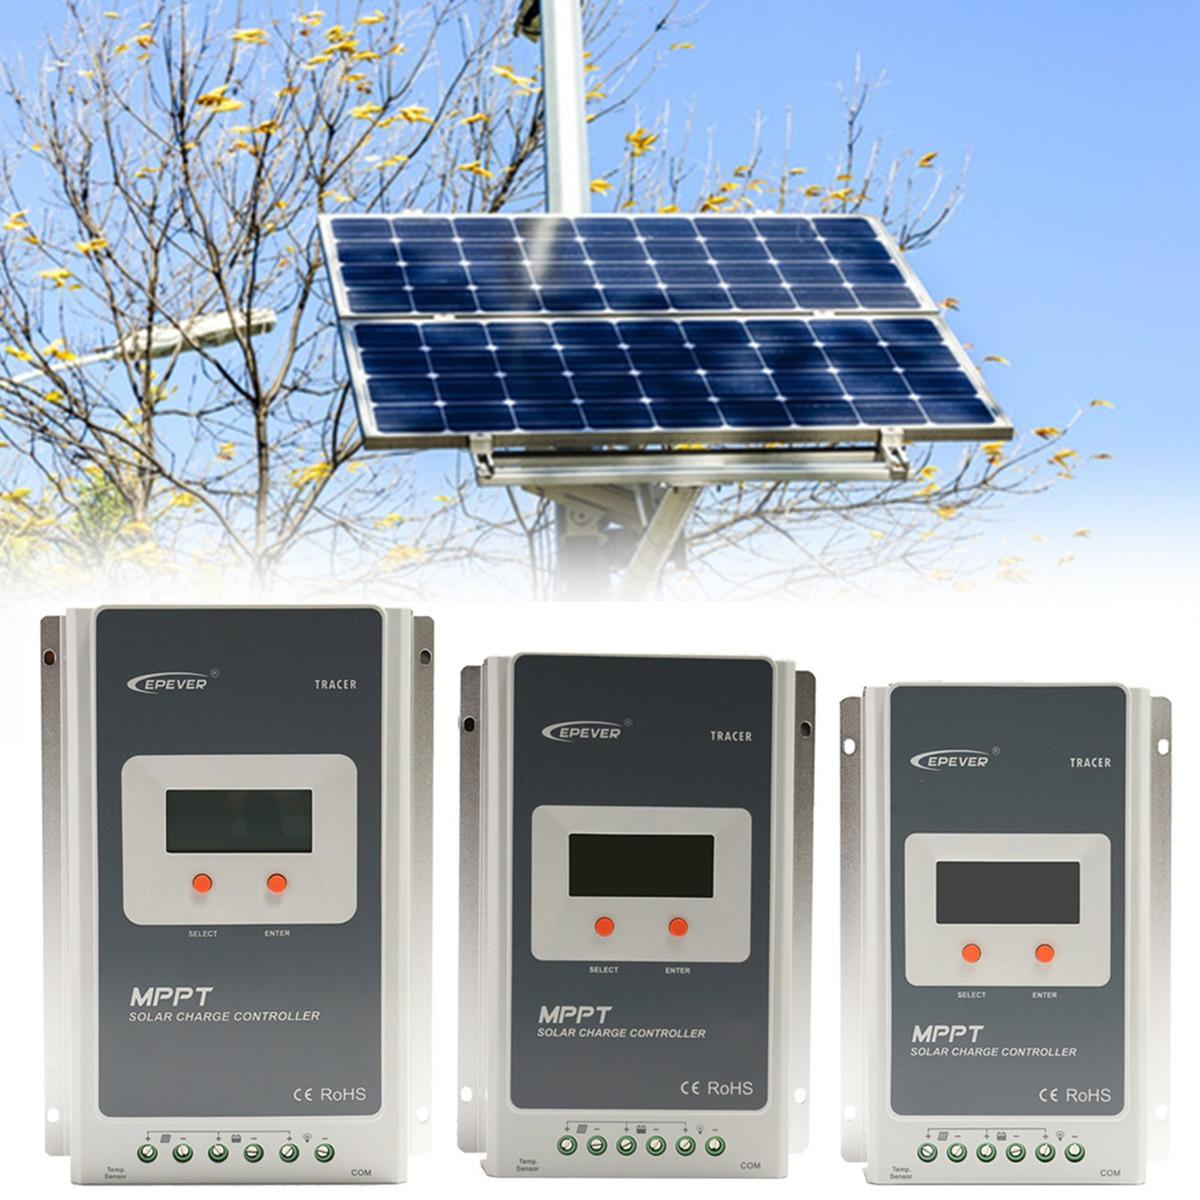 12/24 v MPPT de Charge Solaire Contrôleur avec MT50 Noir À Distance Compteur LCD Affichage Conception RS-485 Régulateur